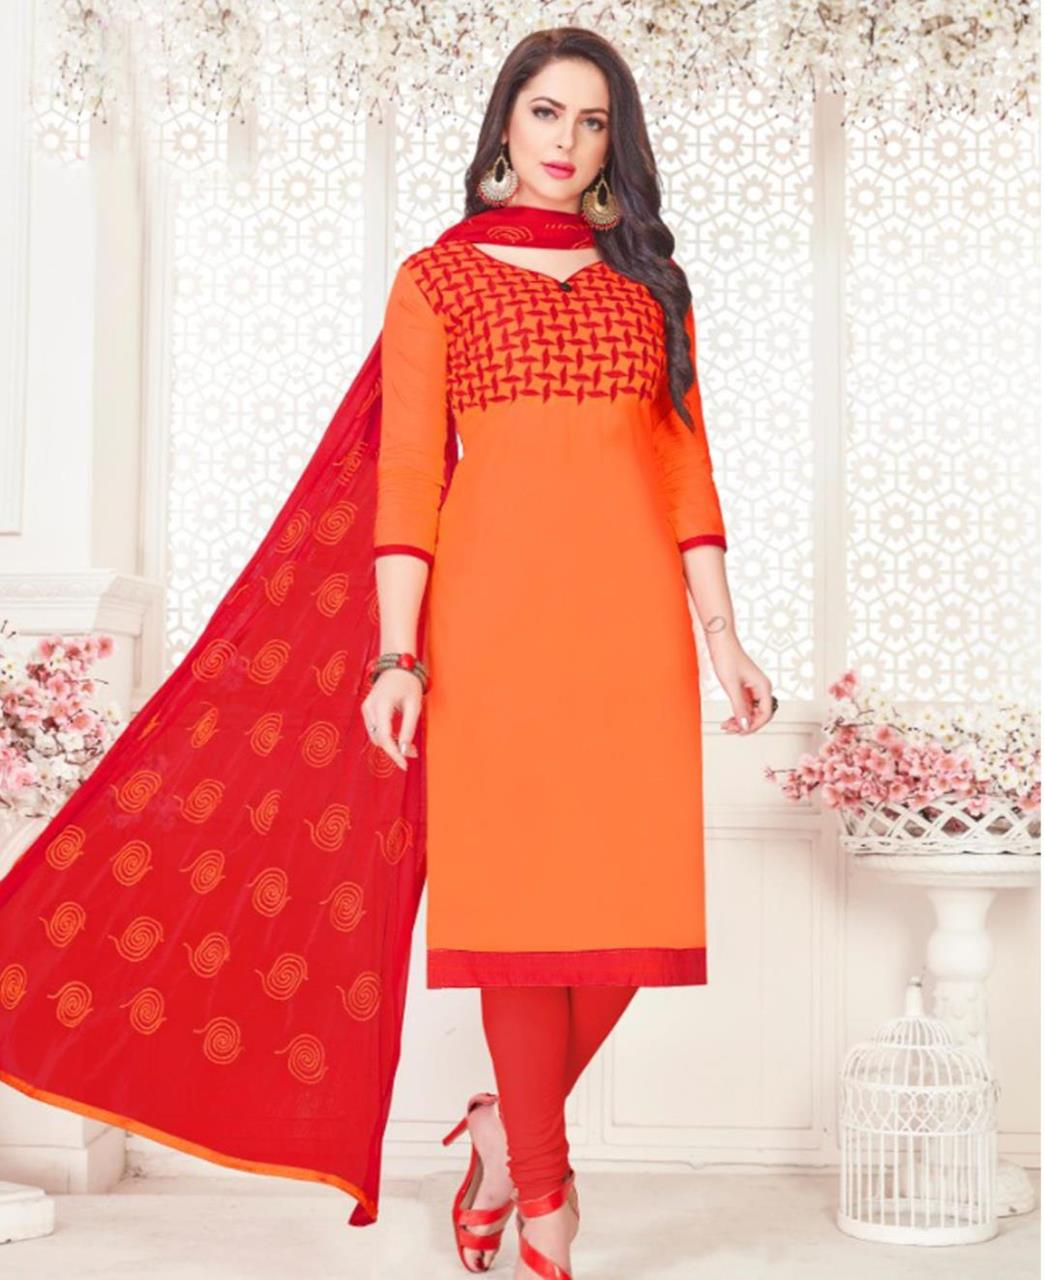 Embroidered Cotton Satin Orange Straight Cut Salwar Kameez